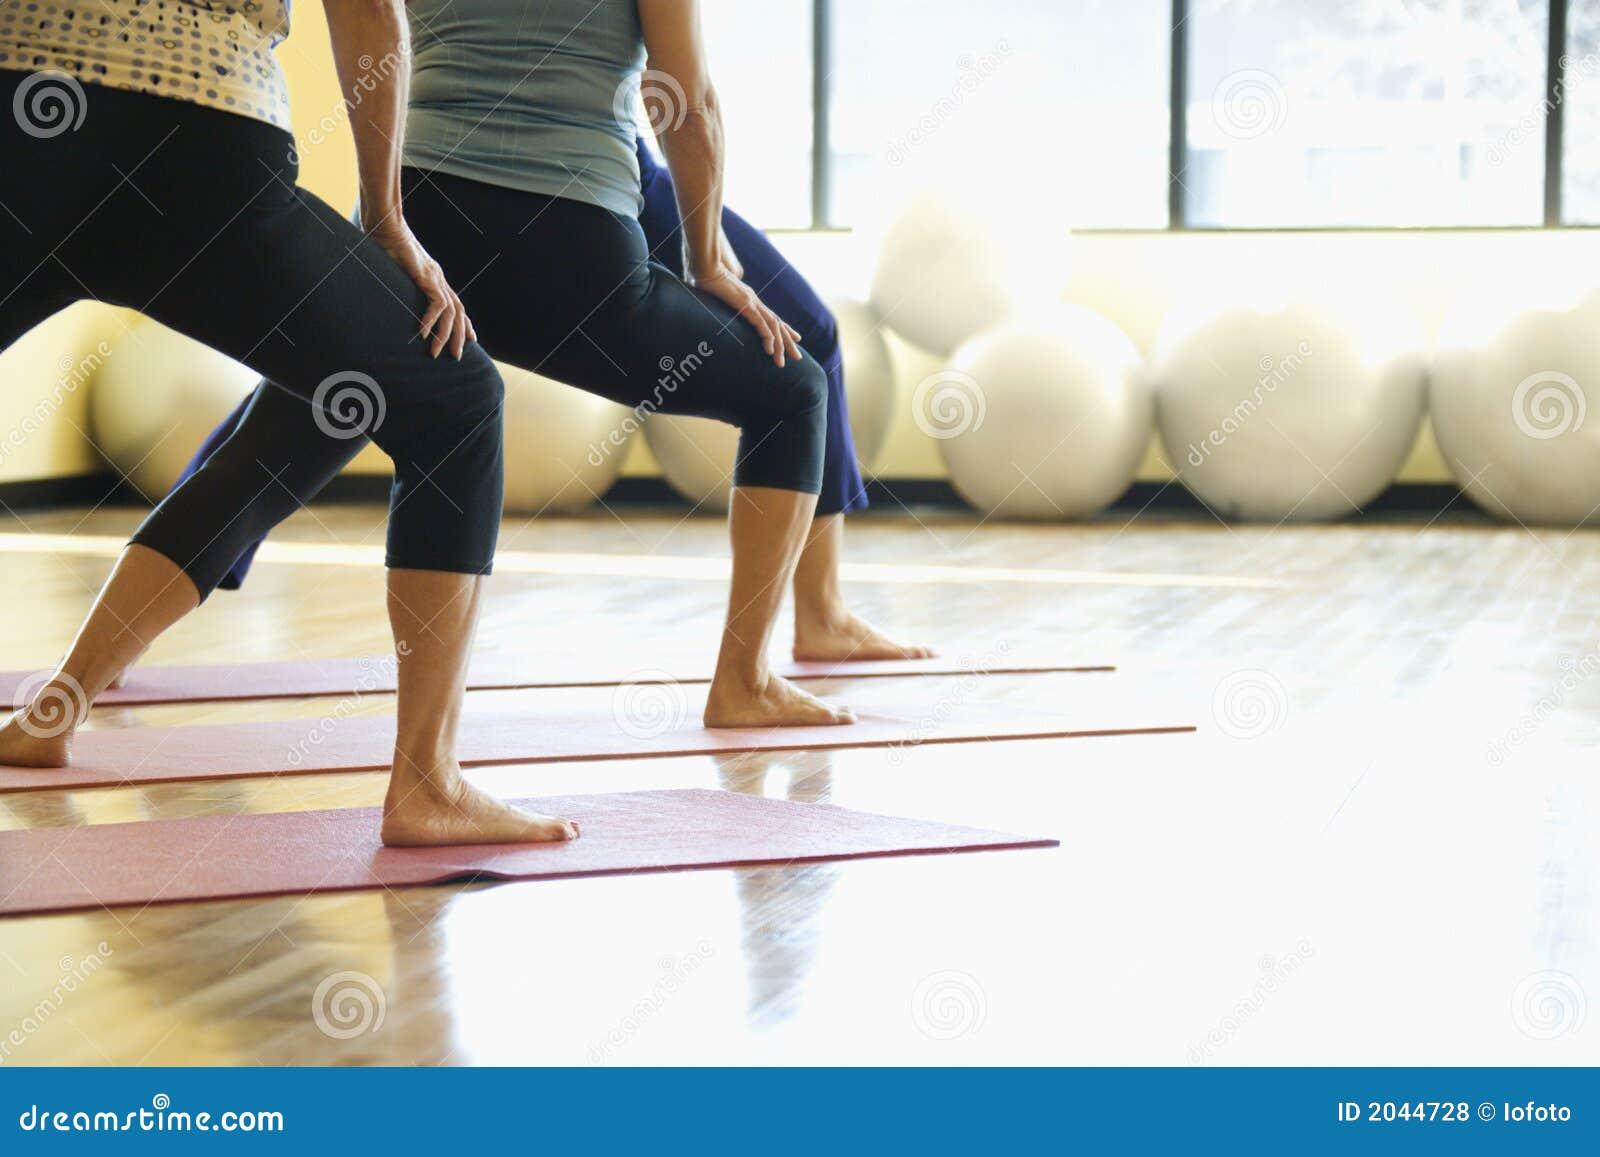 Klasa jogi dorosły kobiet